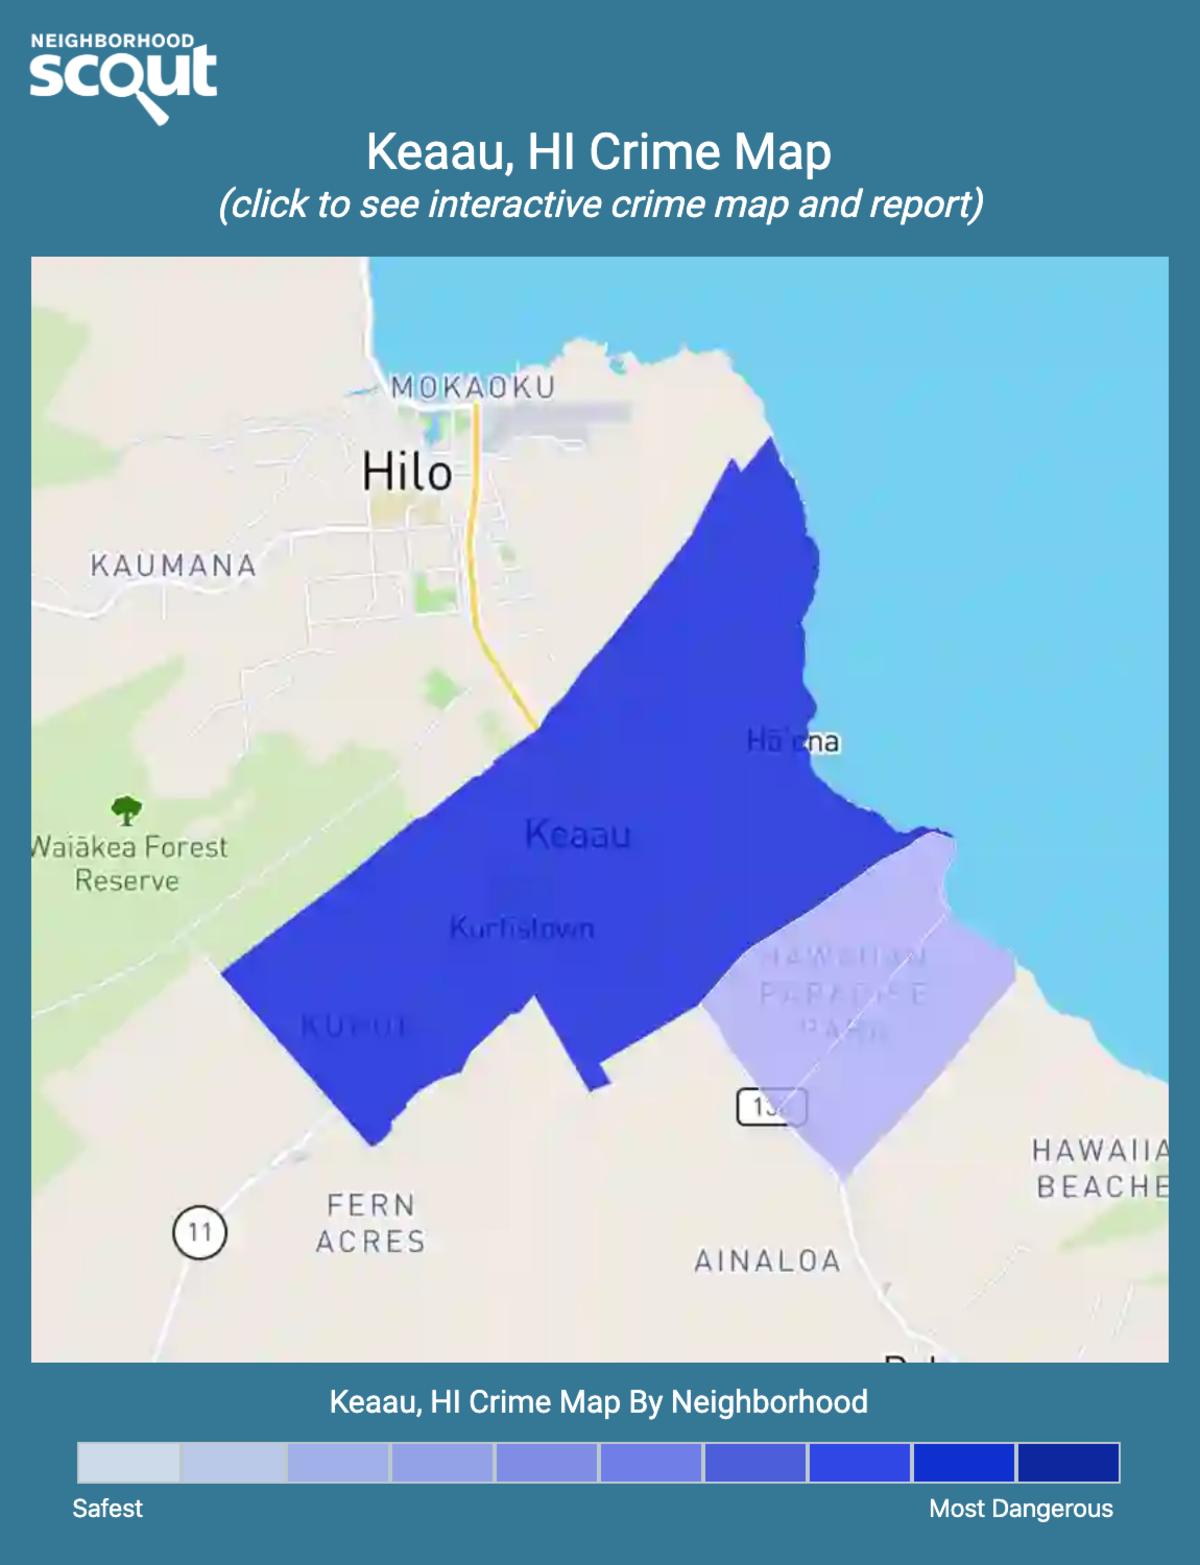 Keaau, Hawaii crime map